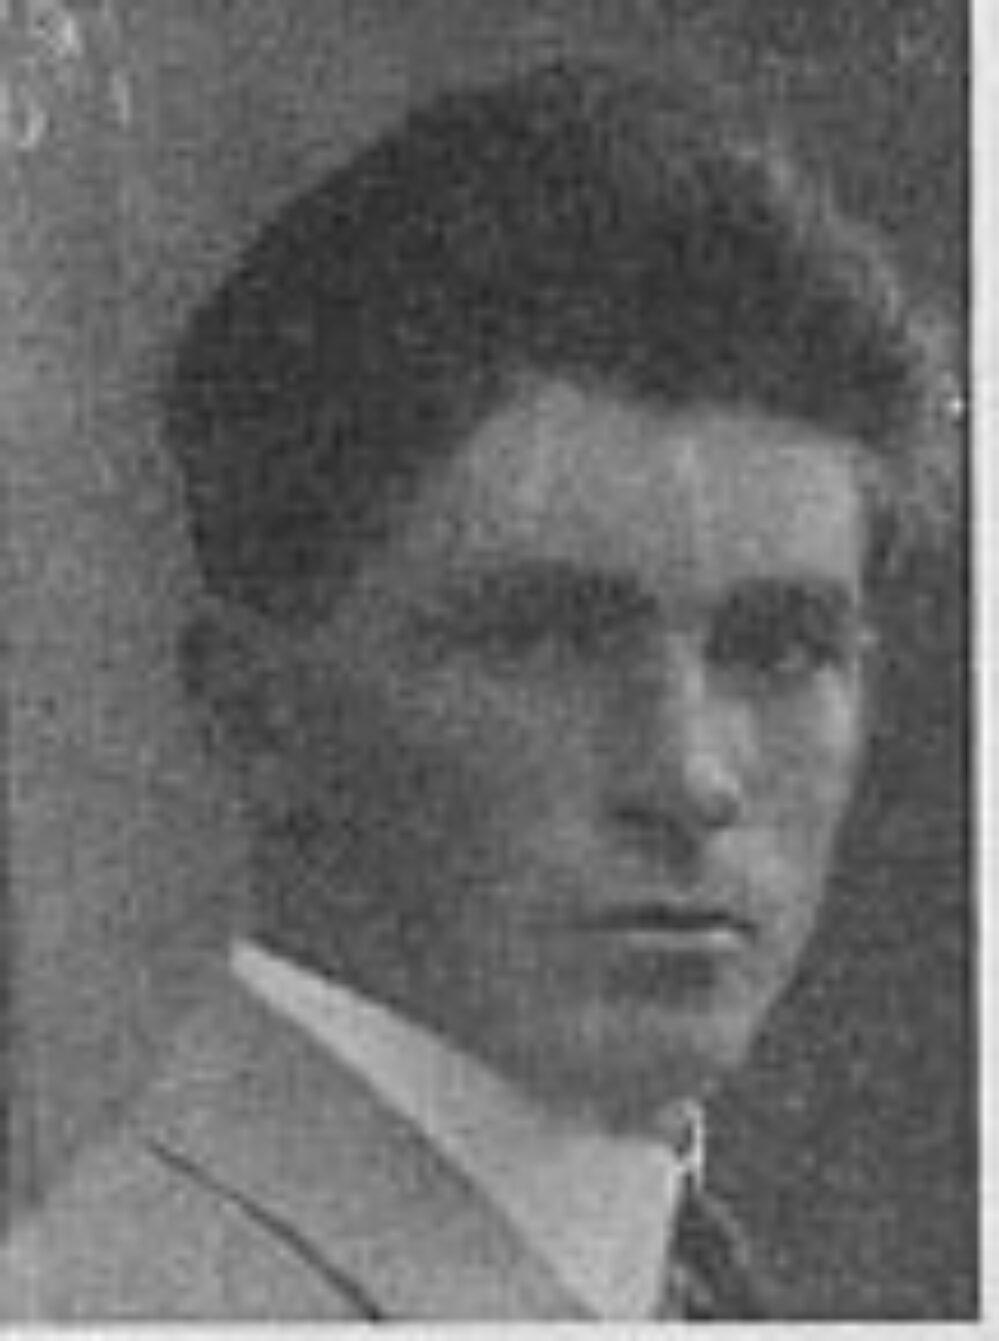 Marthinius Dahl